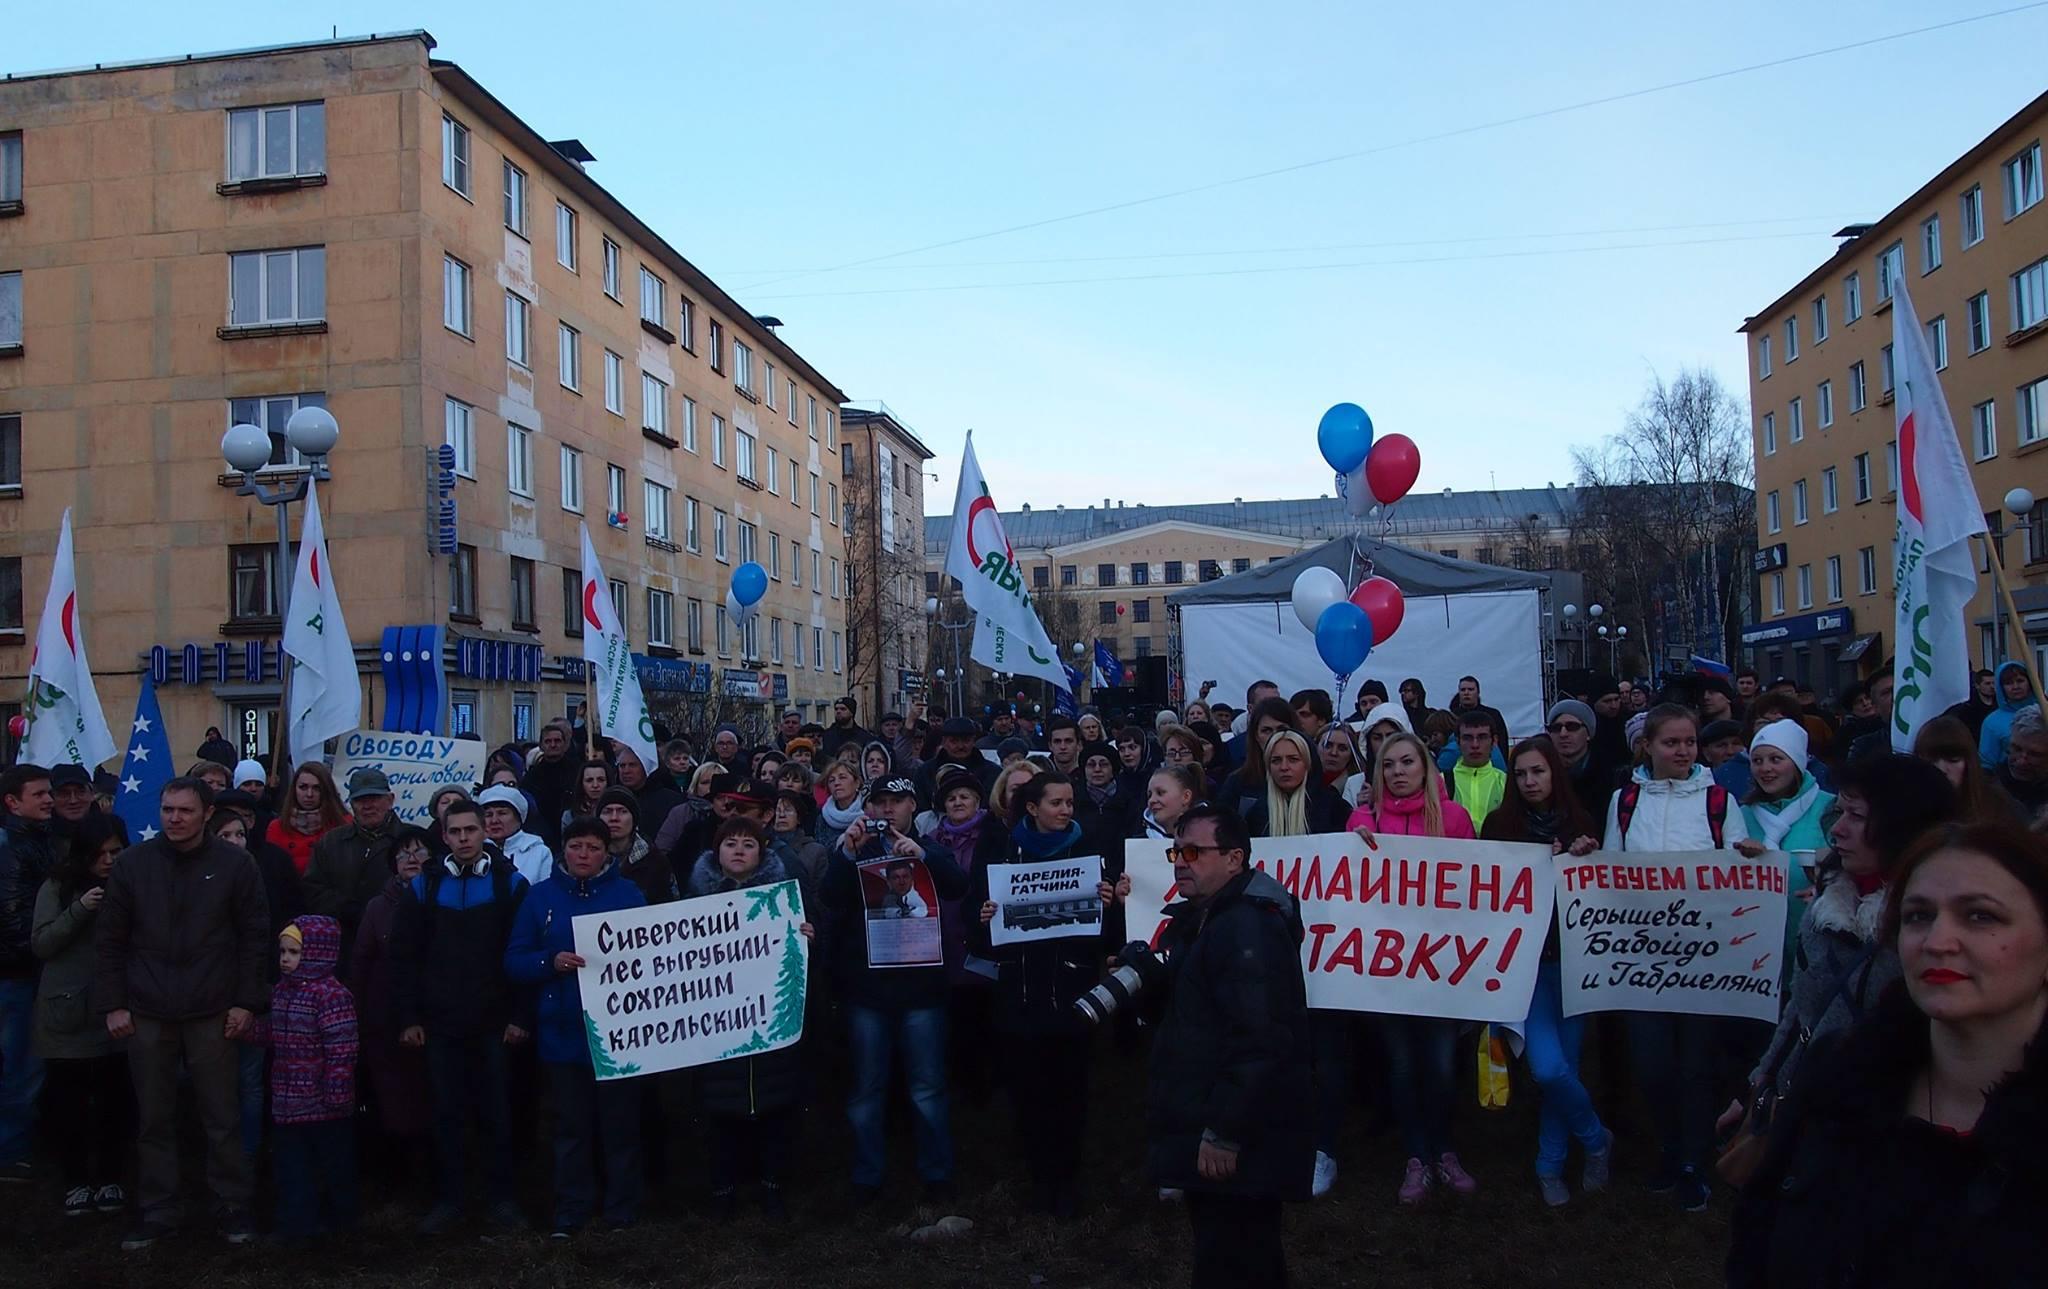 В акции на Студенческом бульваре приняли участие менее полусотни горожан. Фото: Валерий Поташов